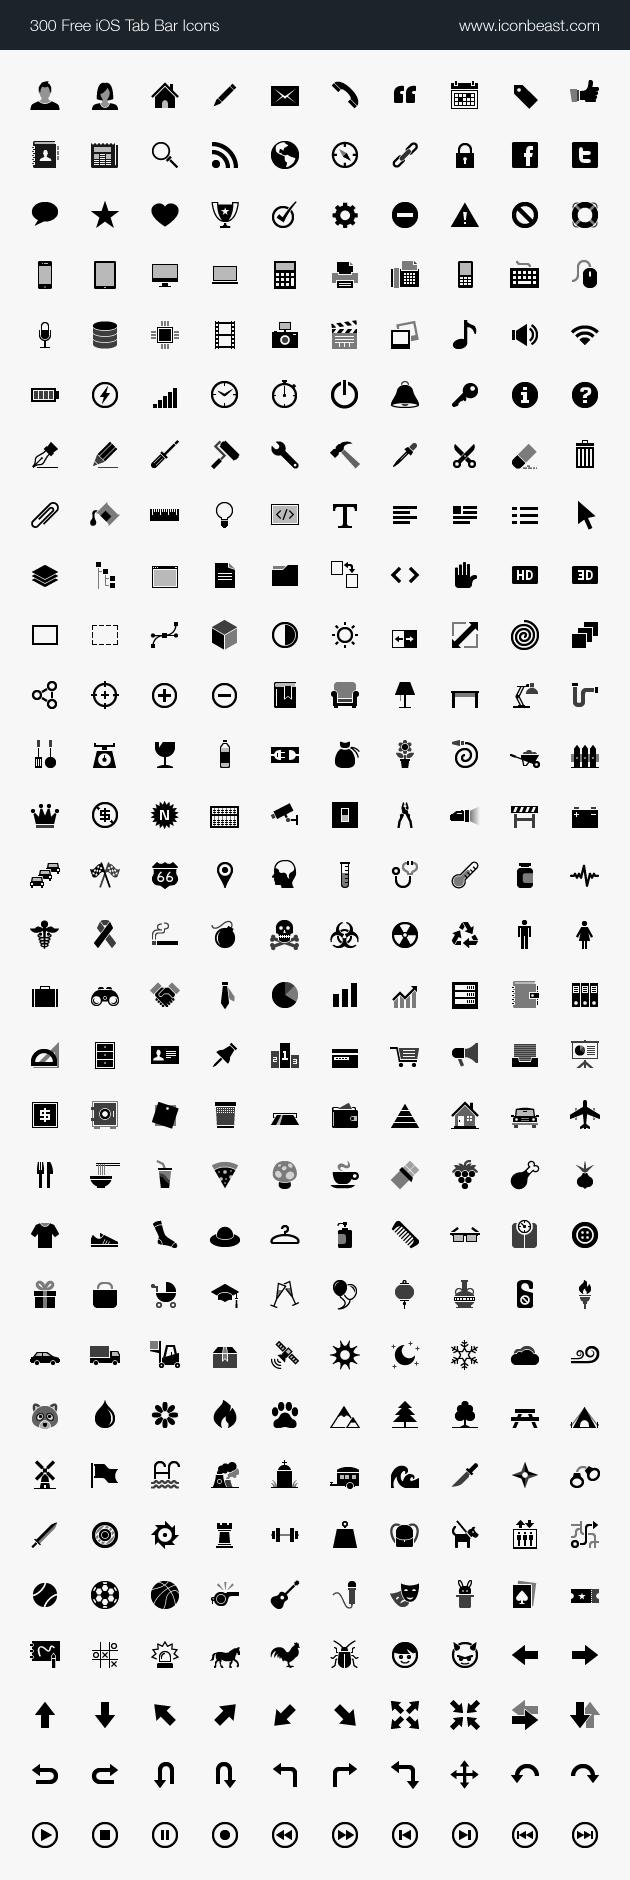 ios-tab-bar-icons-free